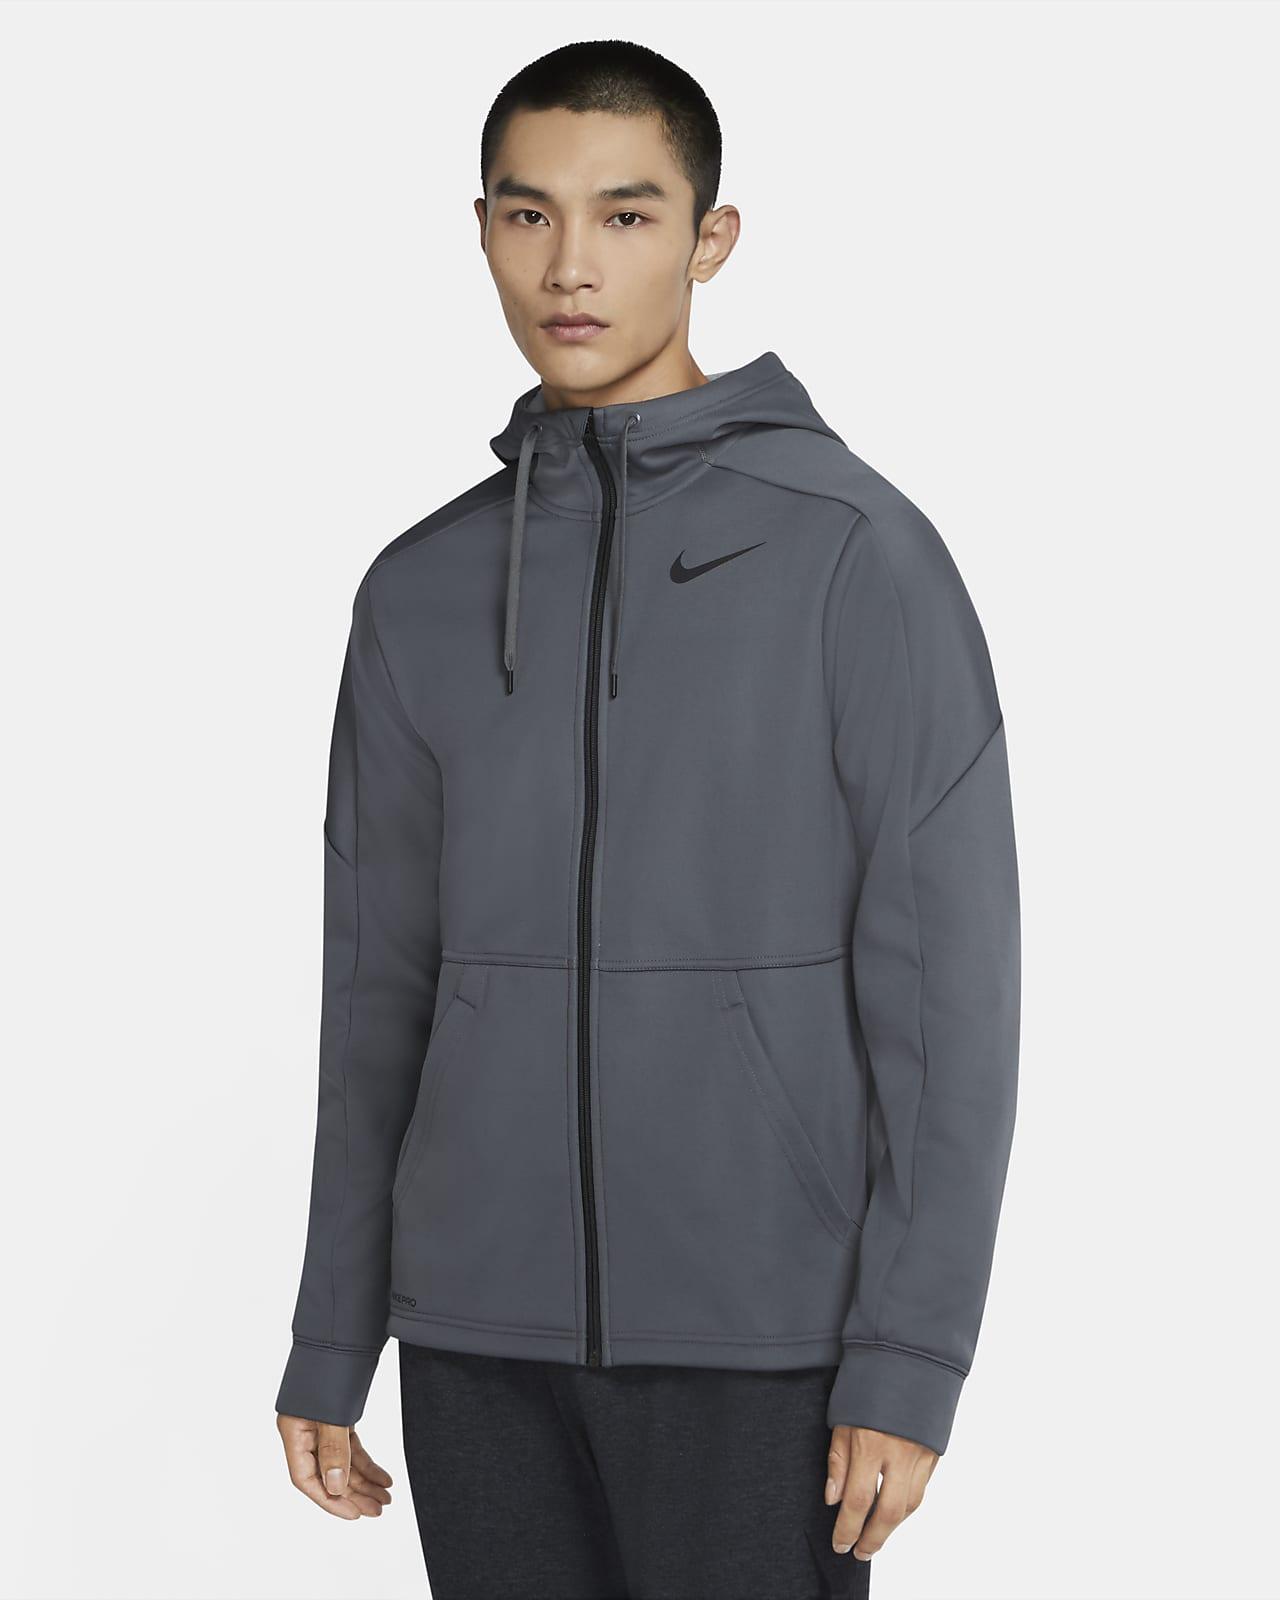 เสื้อเทรนนิ่งมีฮู้ดซิปยาวผู้ชาย Nike Therma